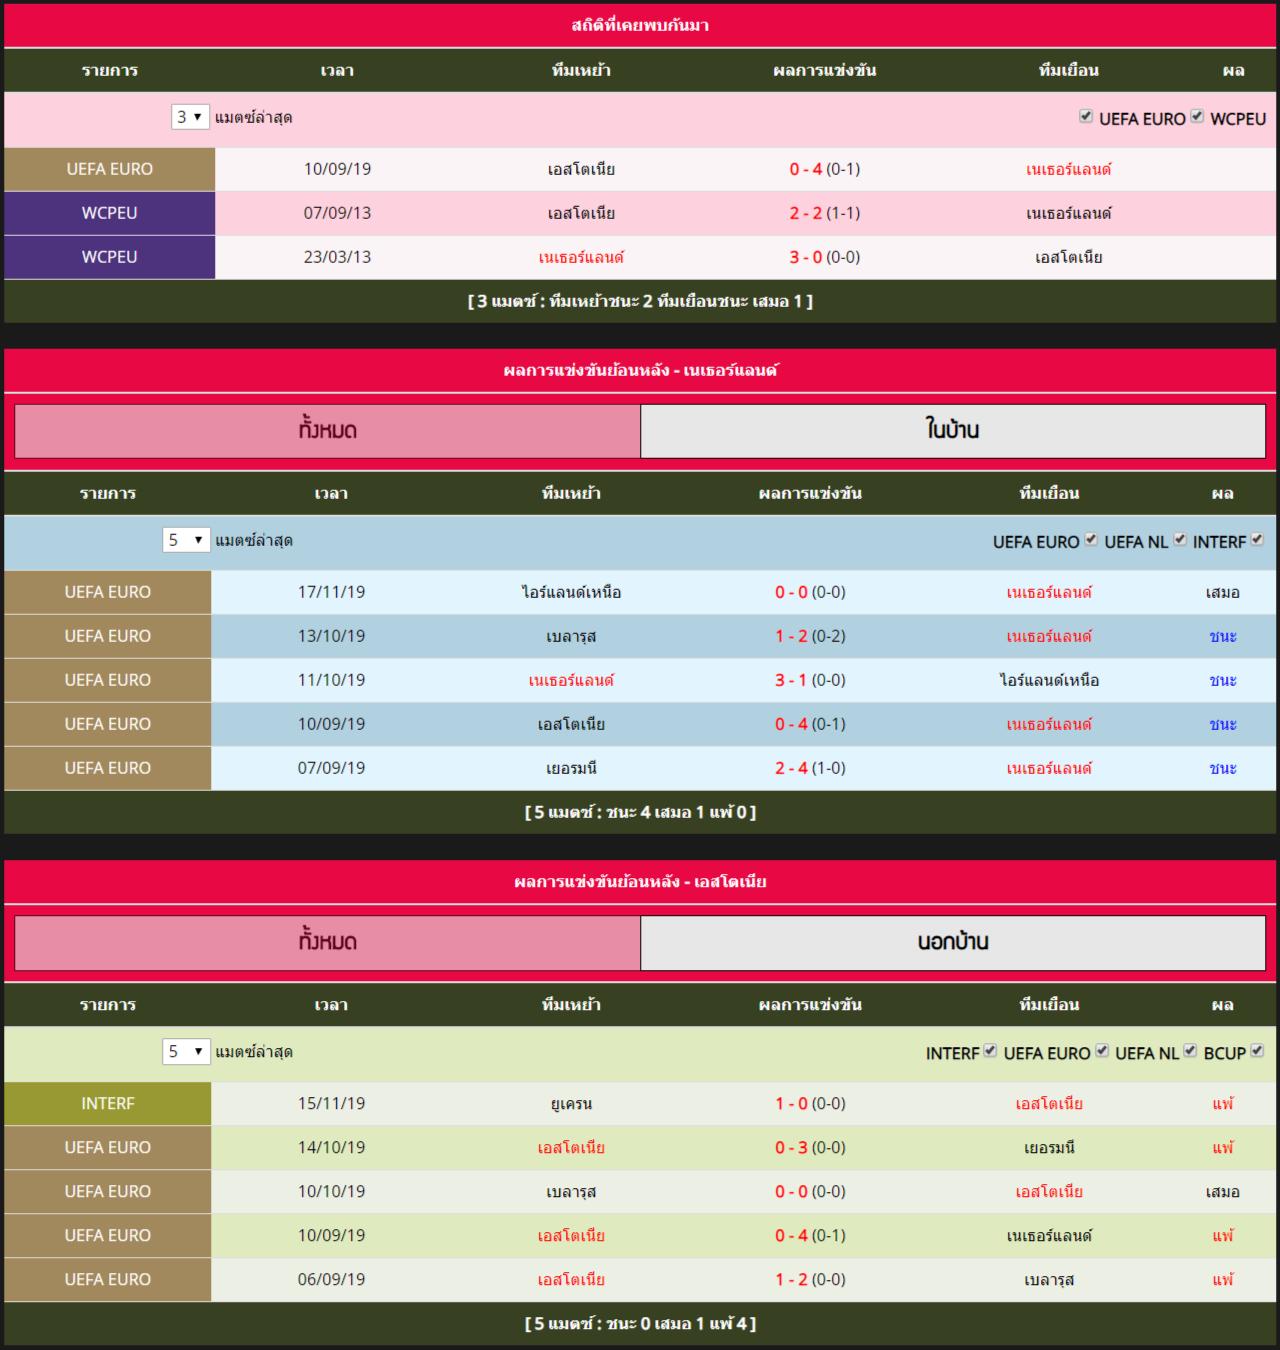 อังคาร ที่ 19 พฤศจิกายน สถิติที่พบกันระหว่าง เนเธอร์แลนด์ vs เอสโตเนีย